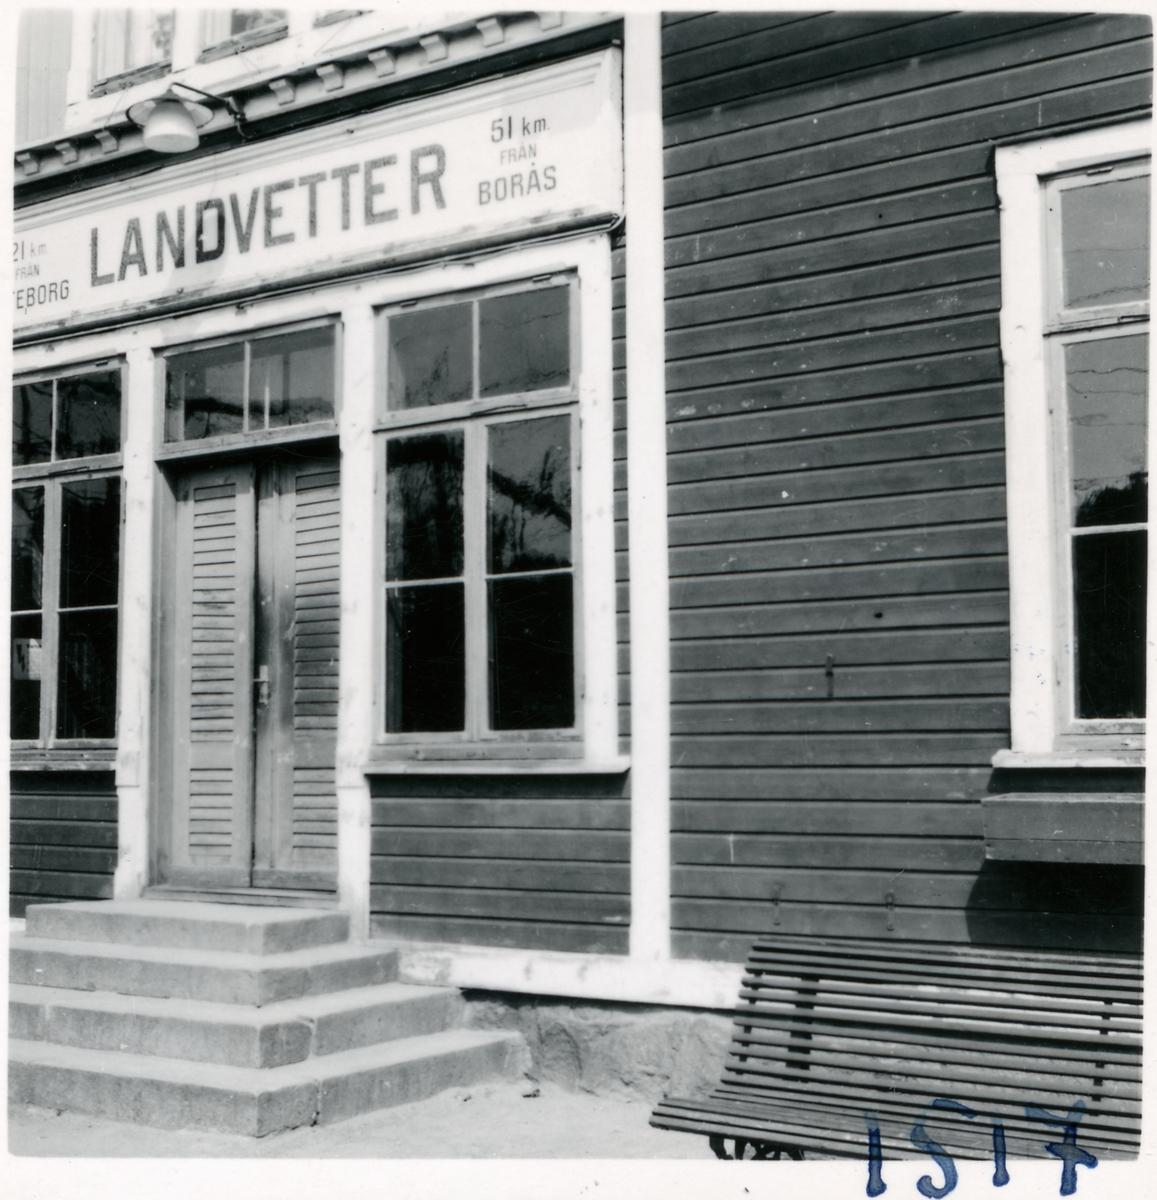 Landvetter stationshus.